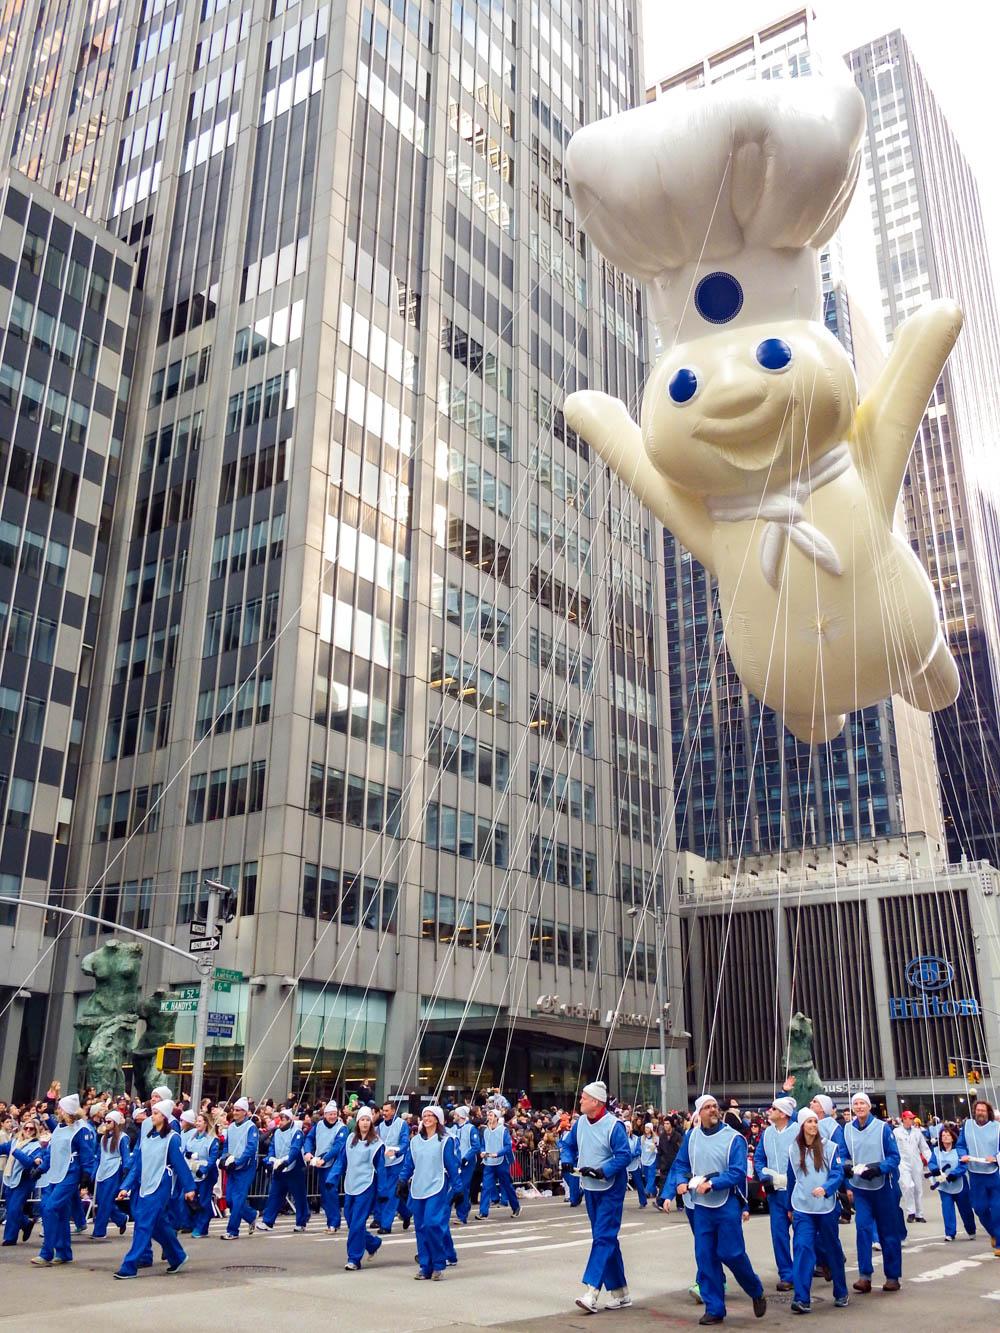 giant pillsbury dough boy balloon at the macys thanksgiving day parade